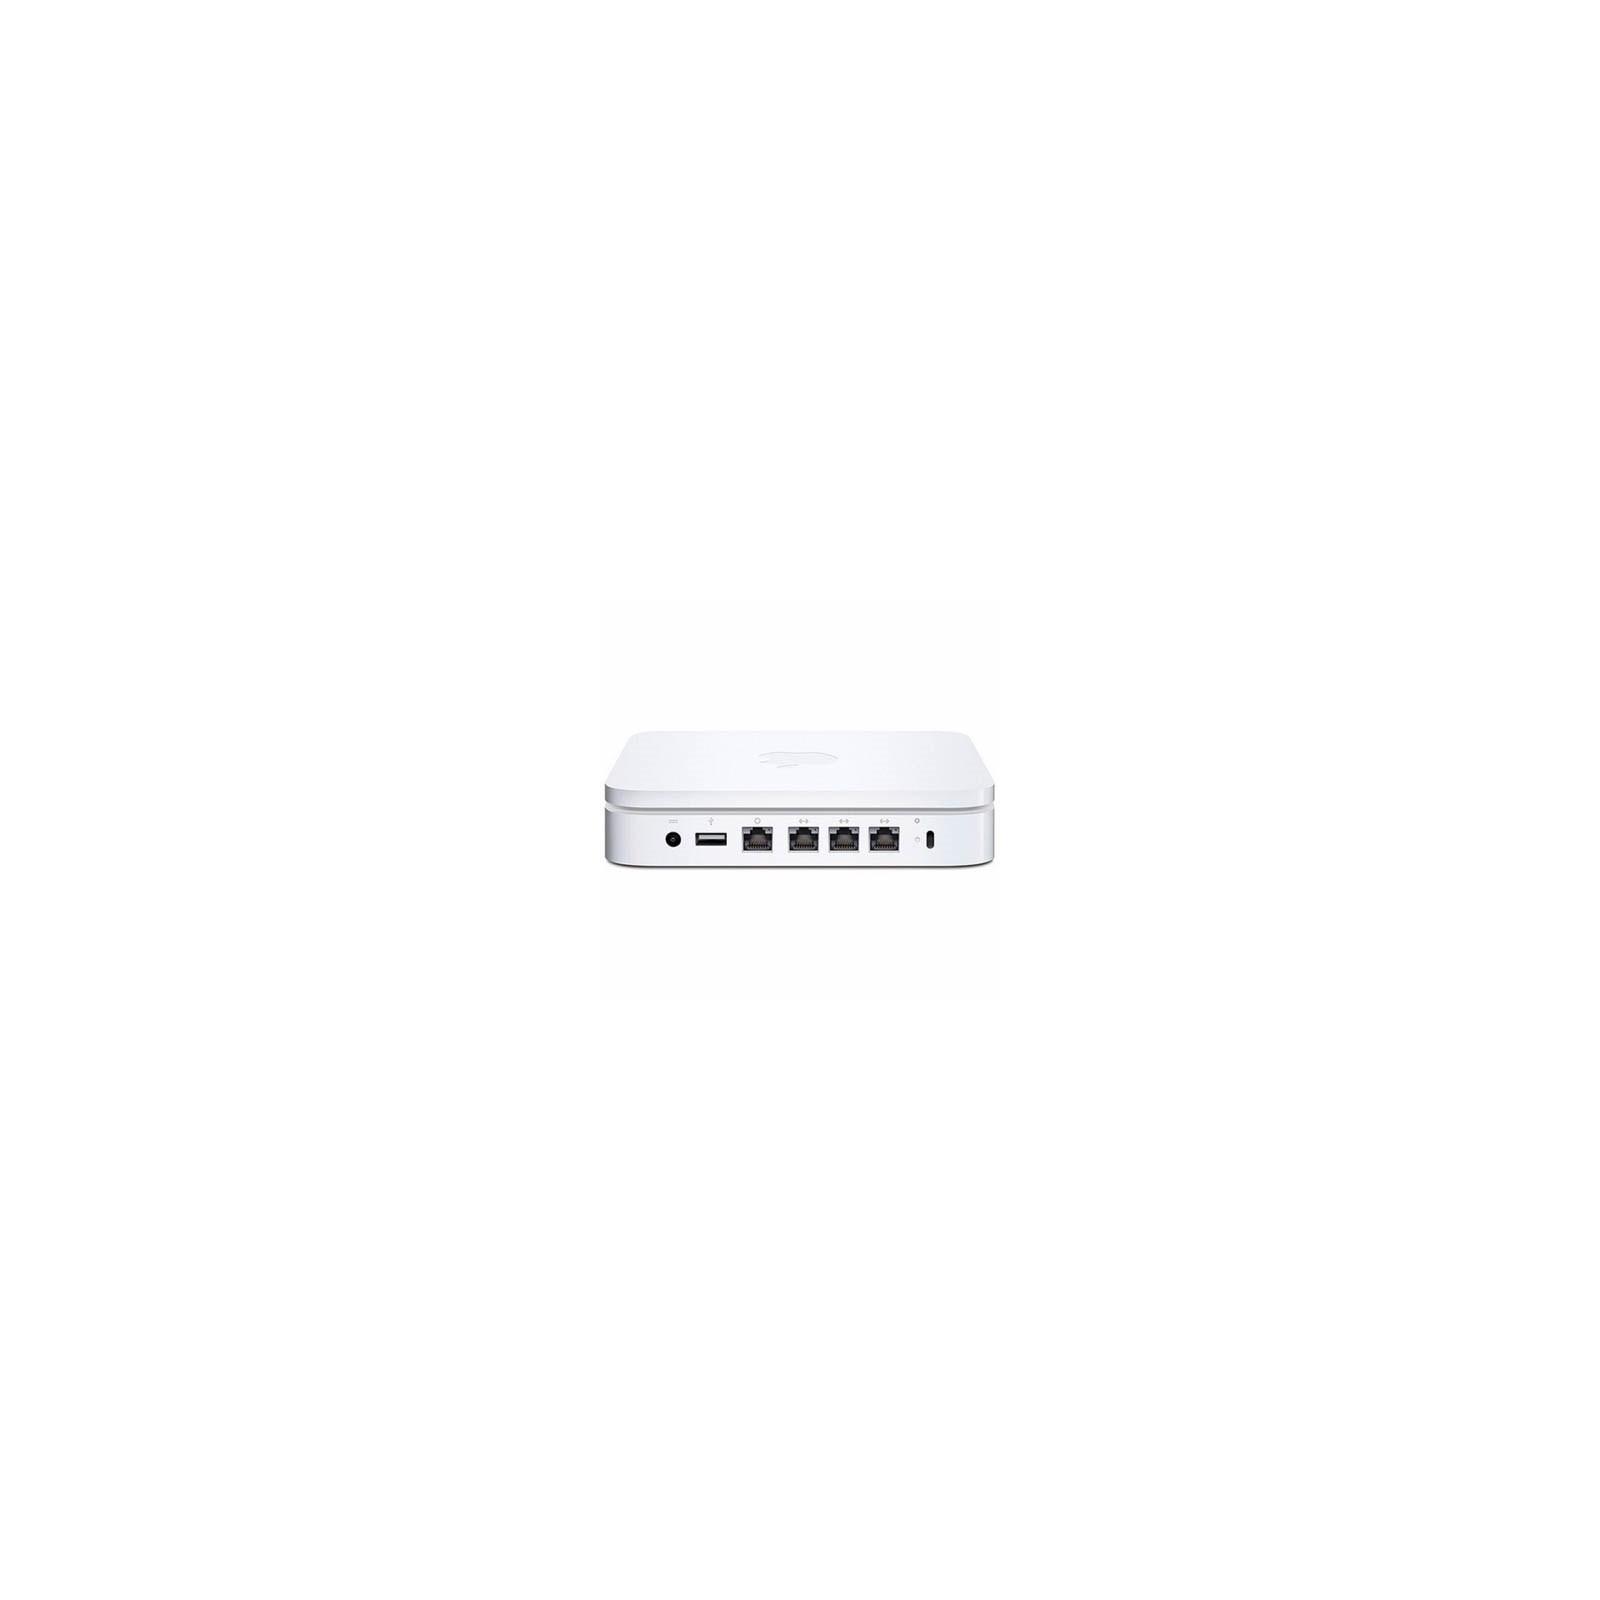 Точка доступа Wi-Fi Apple MD031RS/A изображение 2